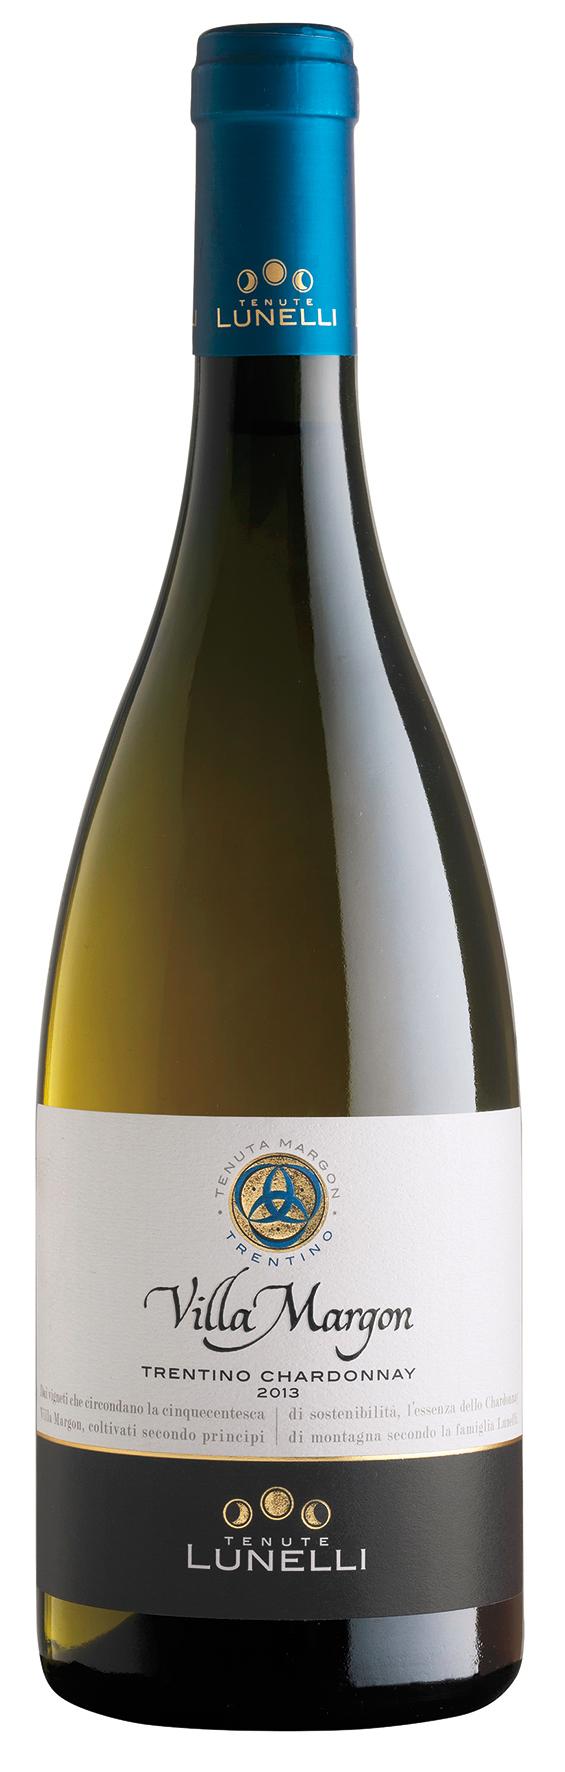 Villa Margon Chardonnay DOC 2014 Azienda Agricola Lunelli